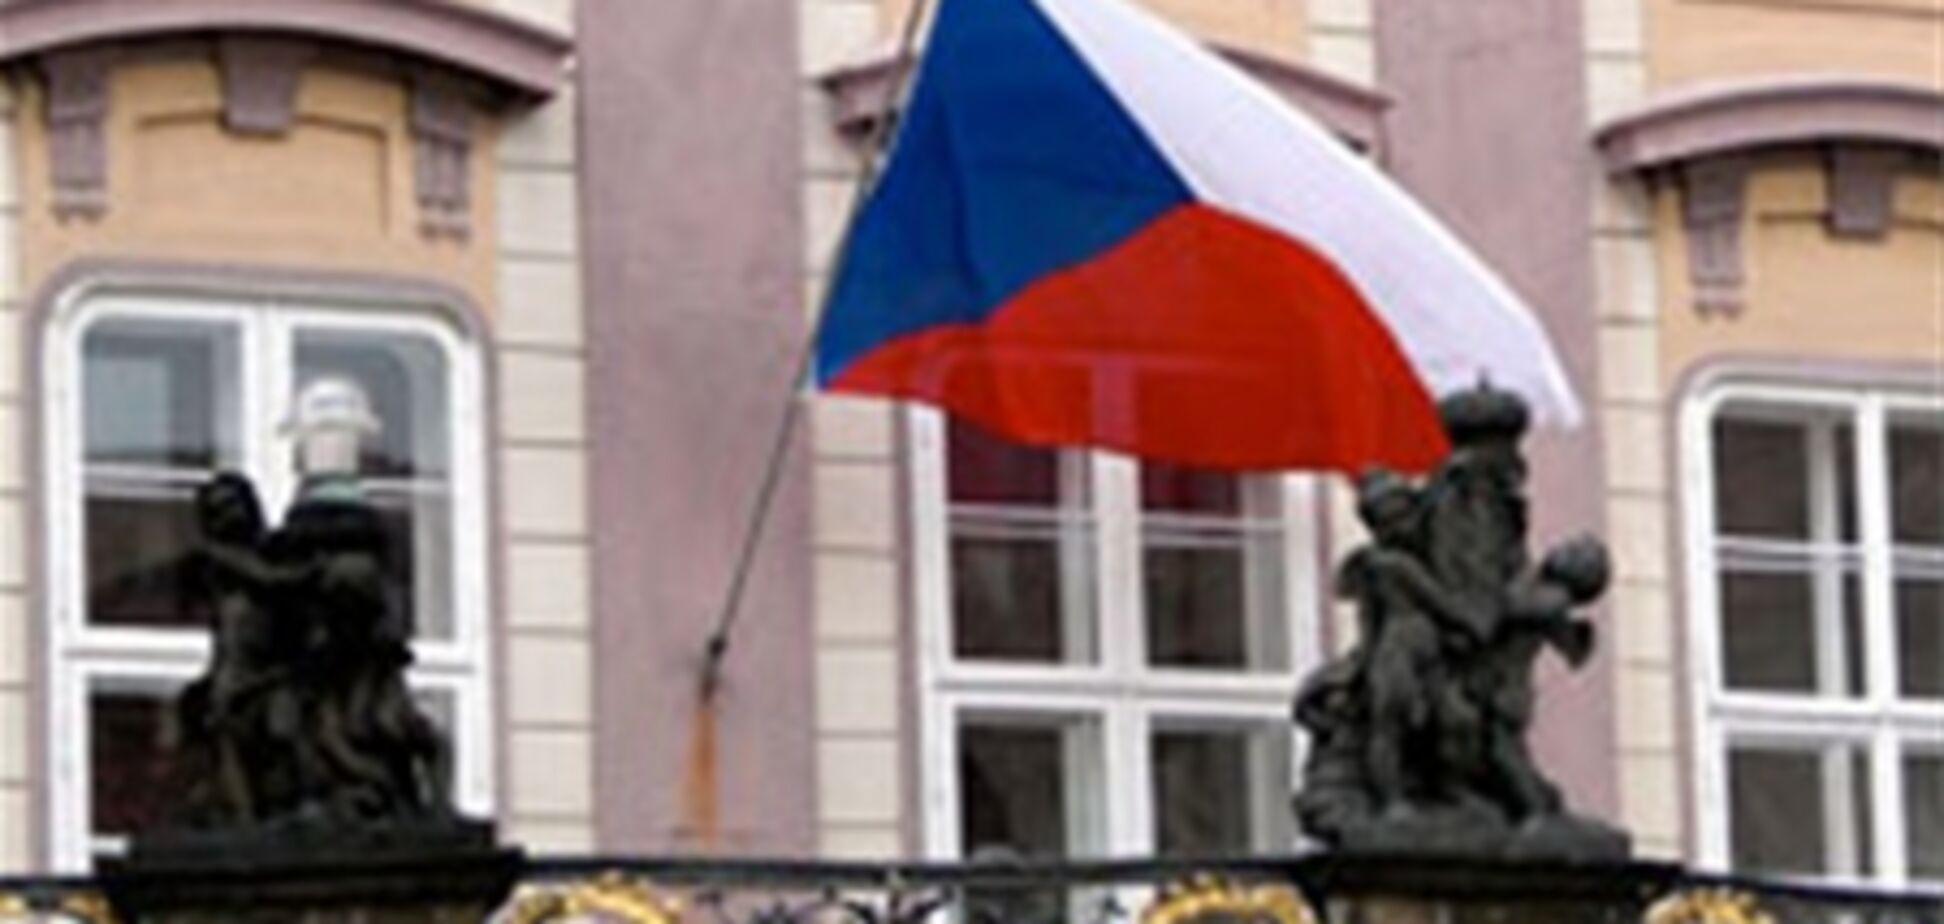 Чехія сподівається, що ситуація з чоловіком Тимошенко не позначиться на відносинах з Україною